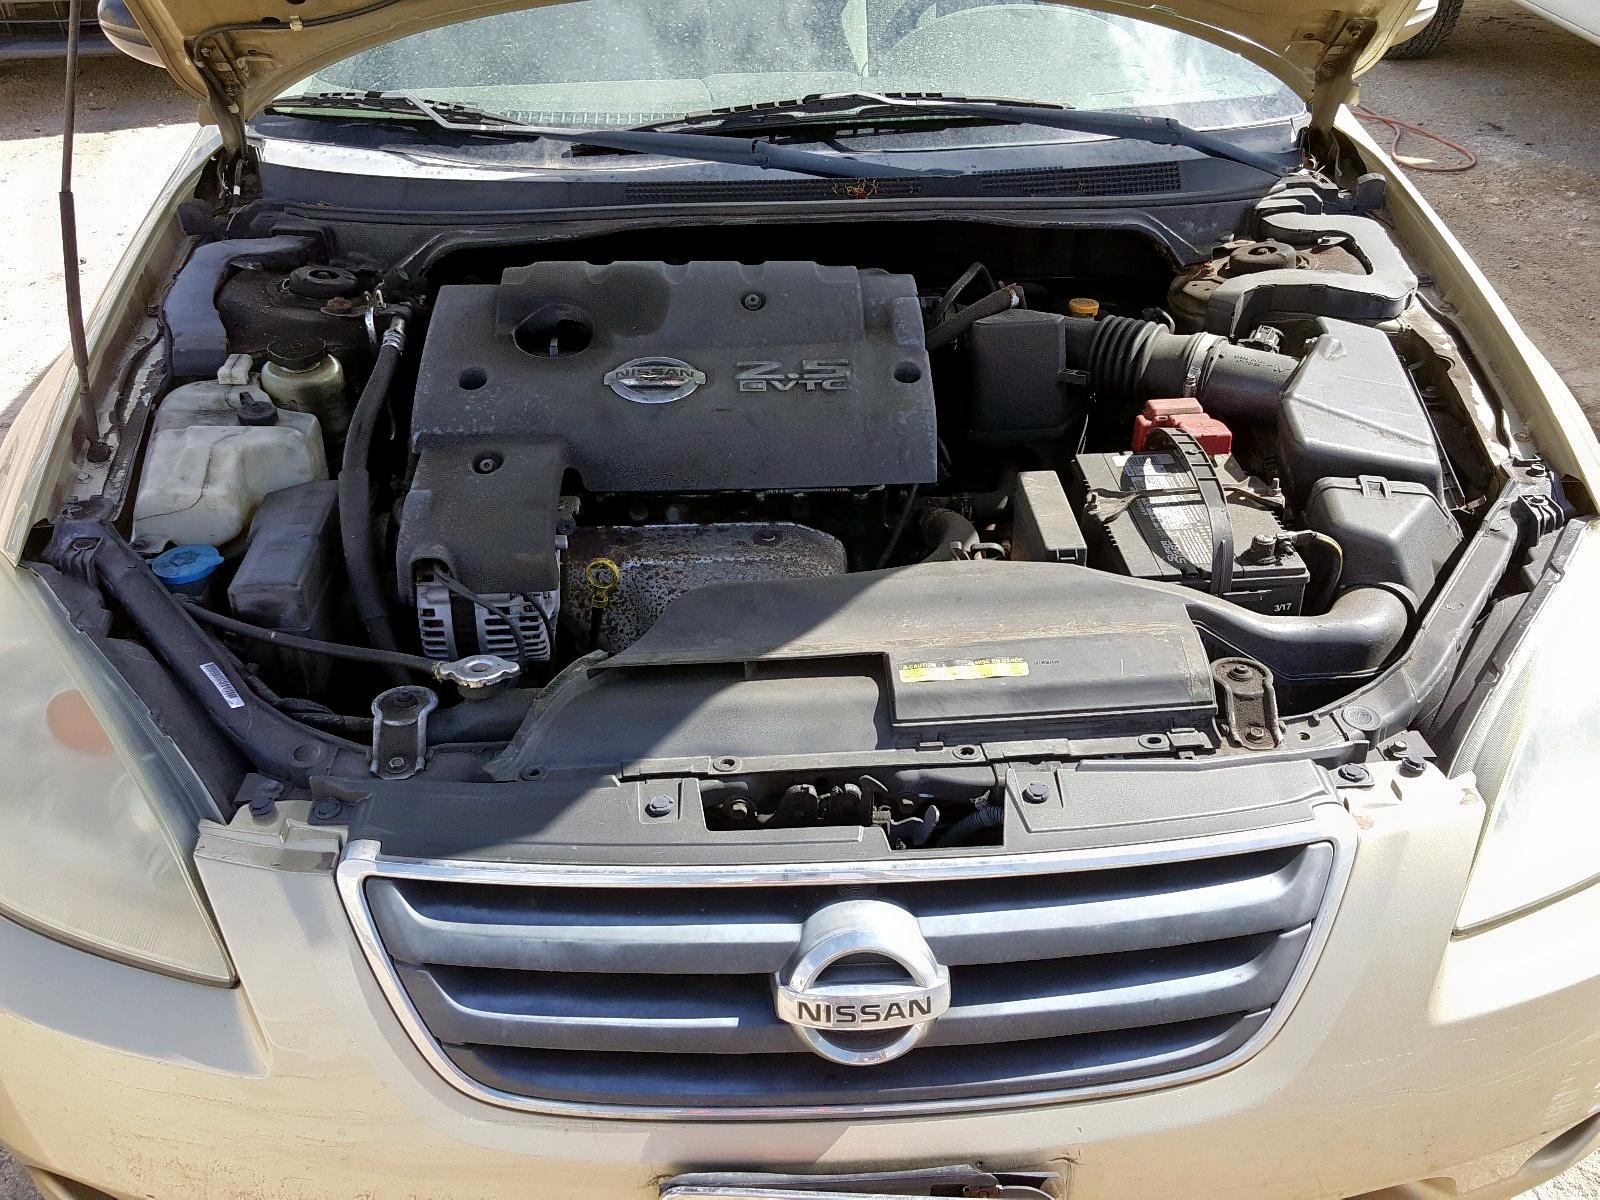 1N4AL11D14C170056 - 2004 Nissan Altima Bas 2.5L inside view